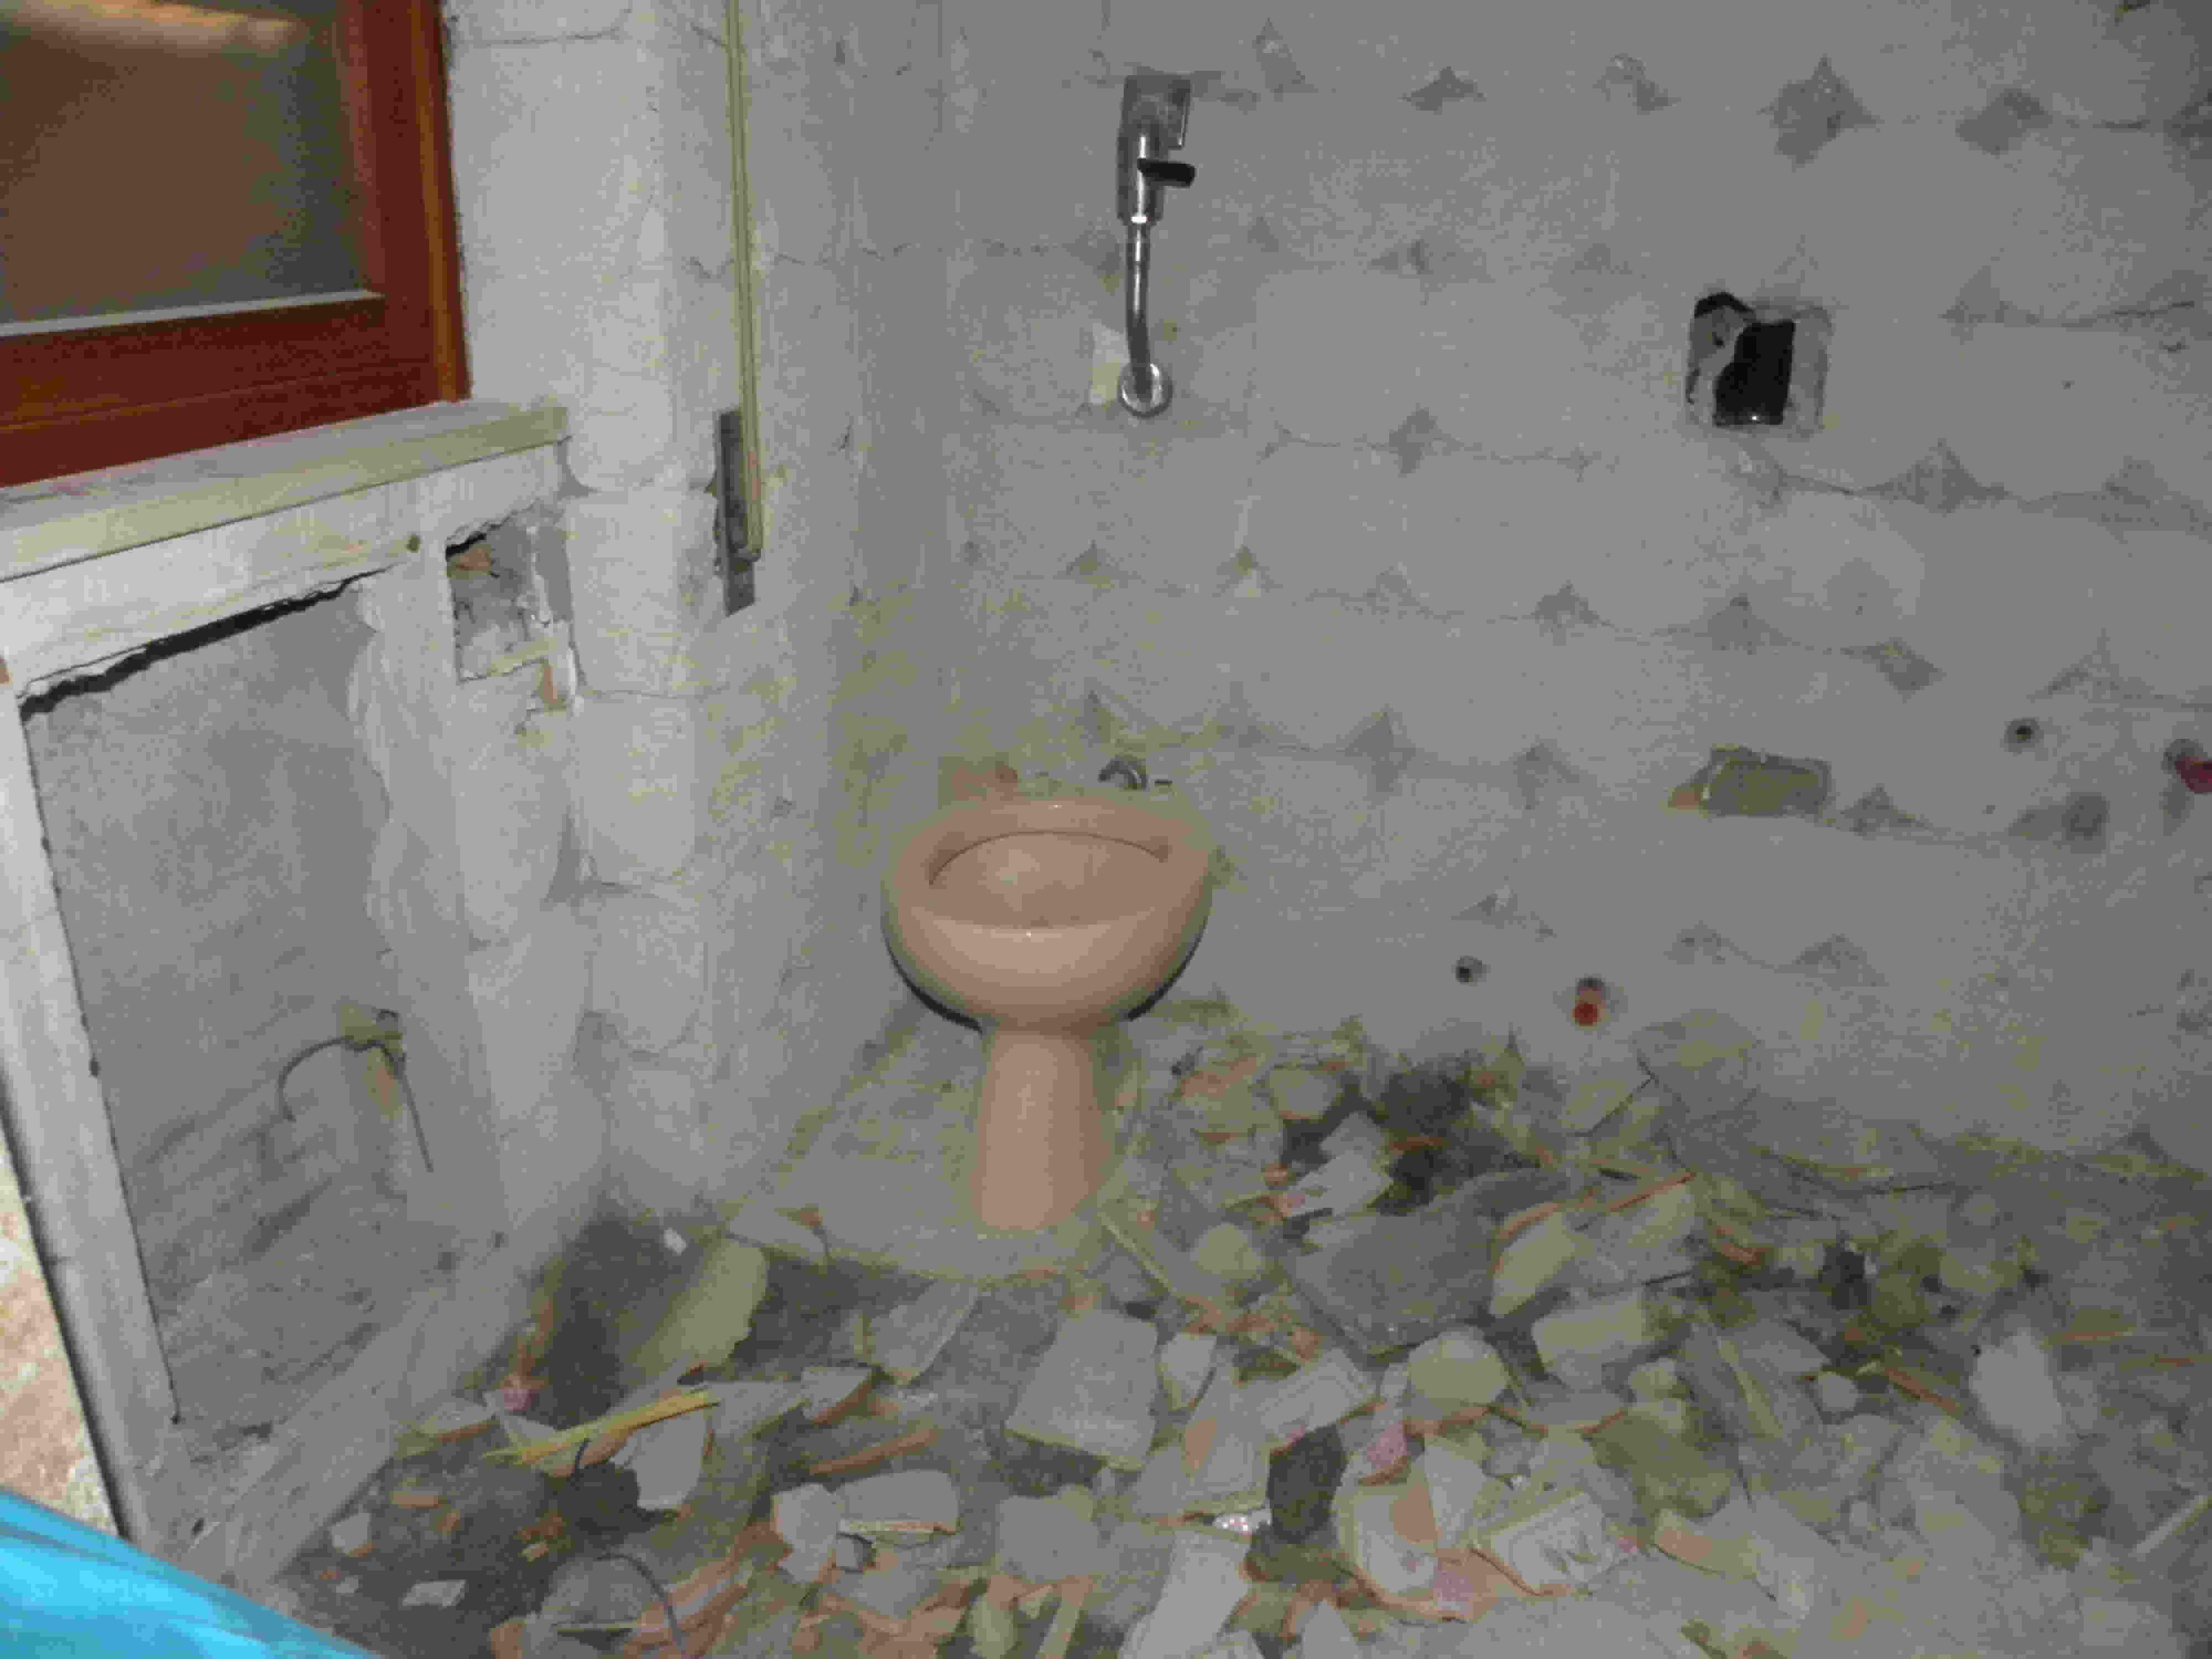 Ristrutturare il bagno nel 2018 conviene grazie al bonus rifacimento bagno manutenzione - Rifacimento bagno costi ...